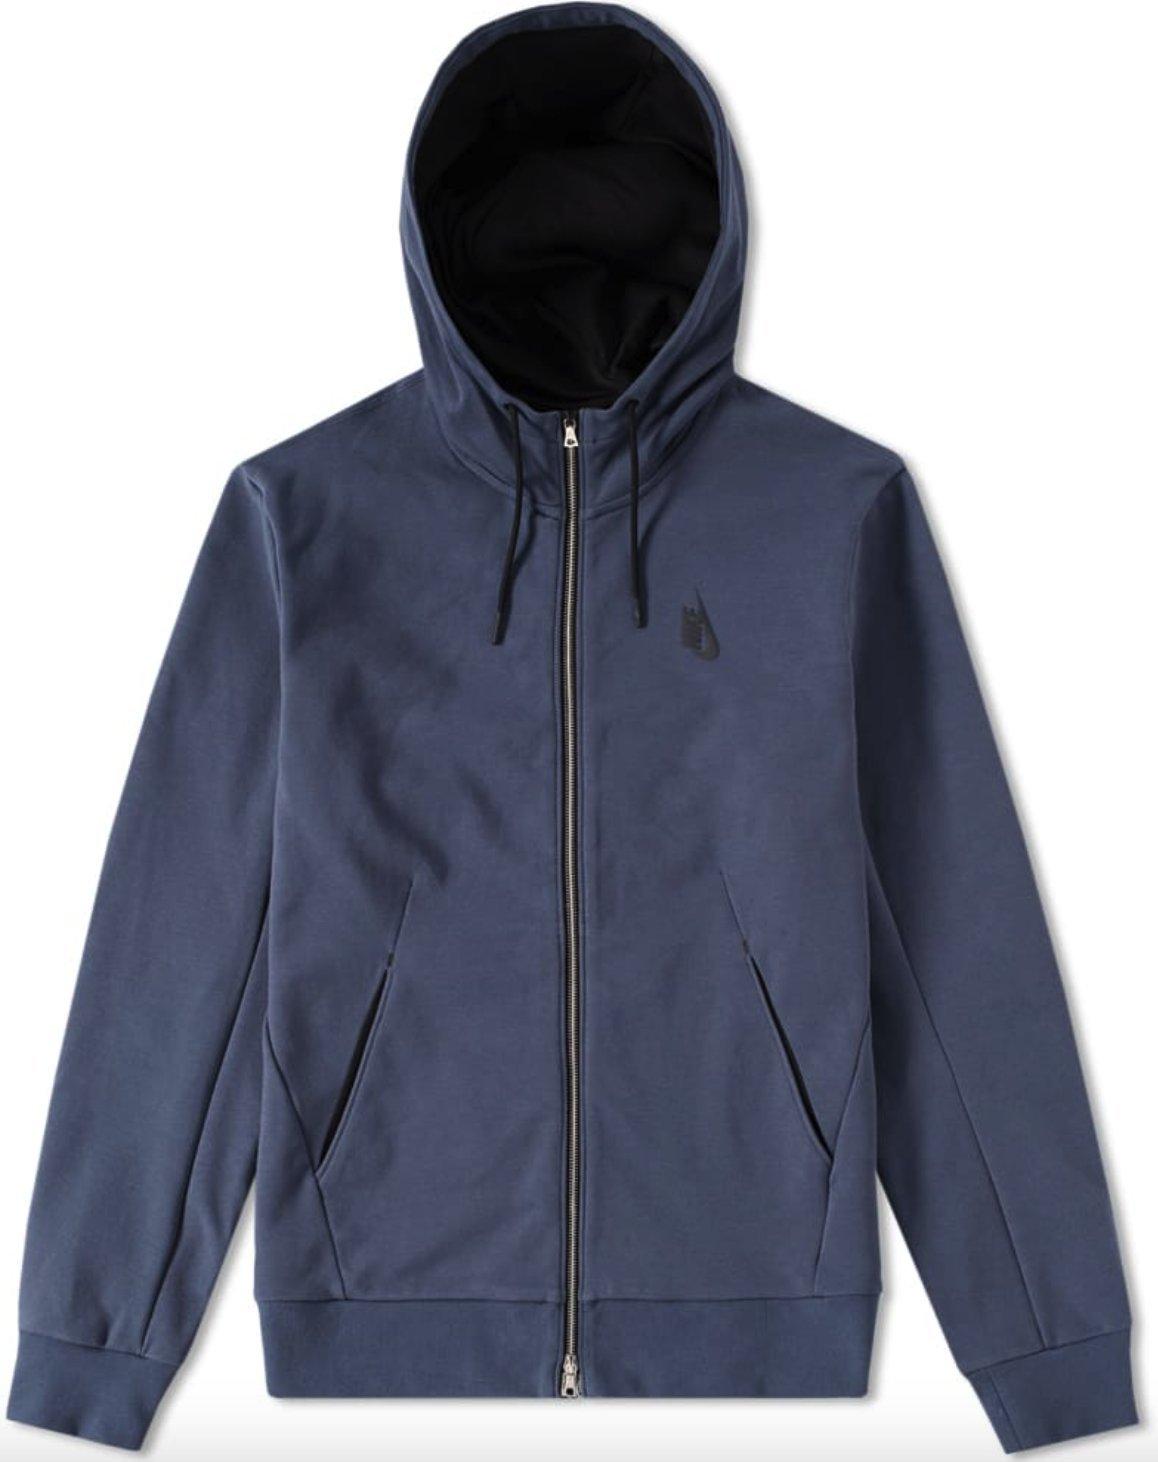 Nike Boys Therma Dri-Fit Front Zip-Up Hoodie Jacket Sweatshirt Purple 856138